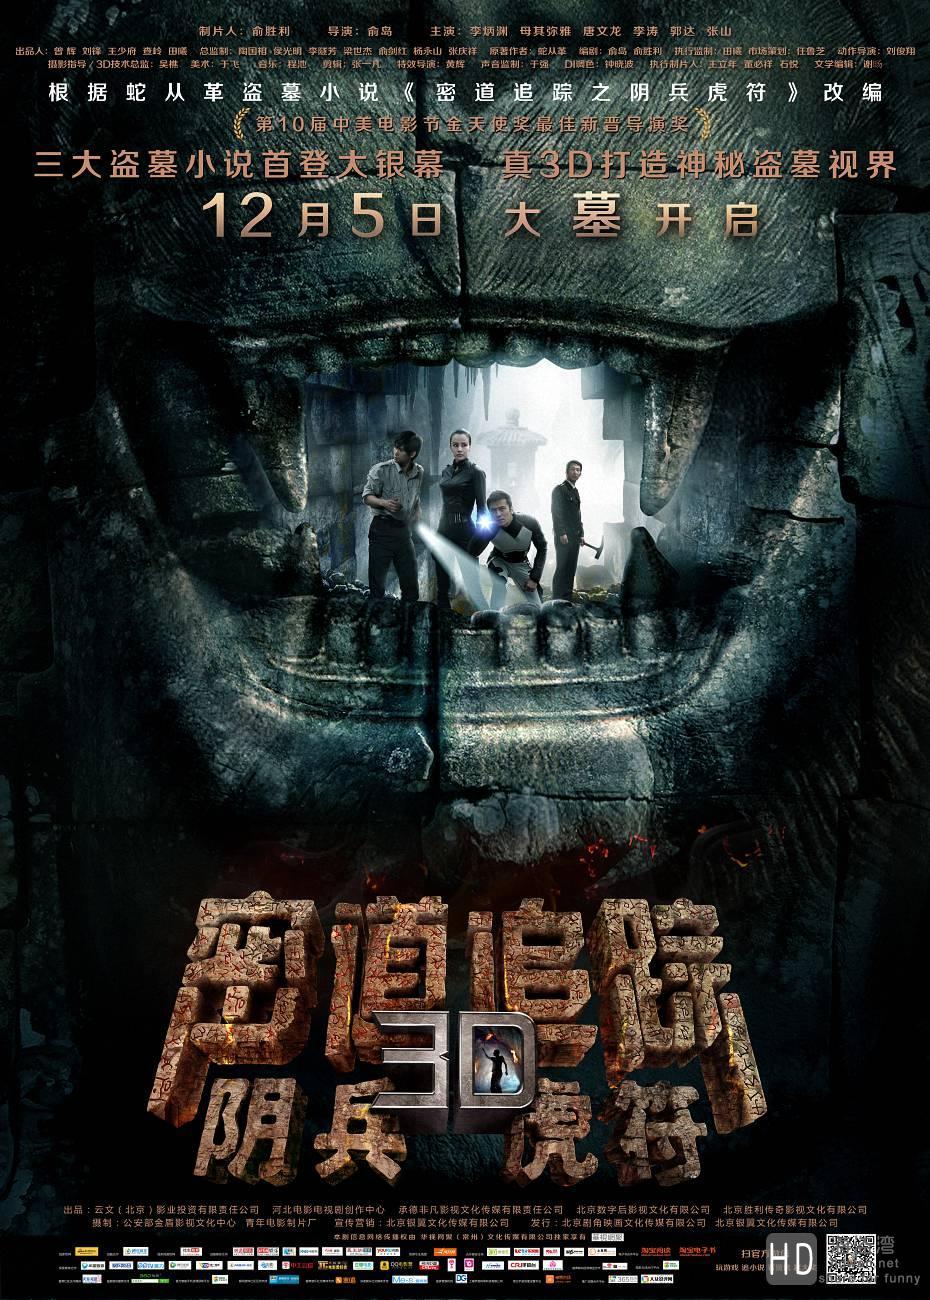 [2014][中国大陆][动作/悬疑/惊悚/冒险][密道追踪之阴兵虎符][HD1280]